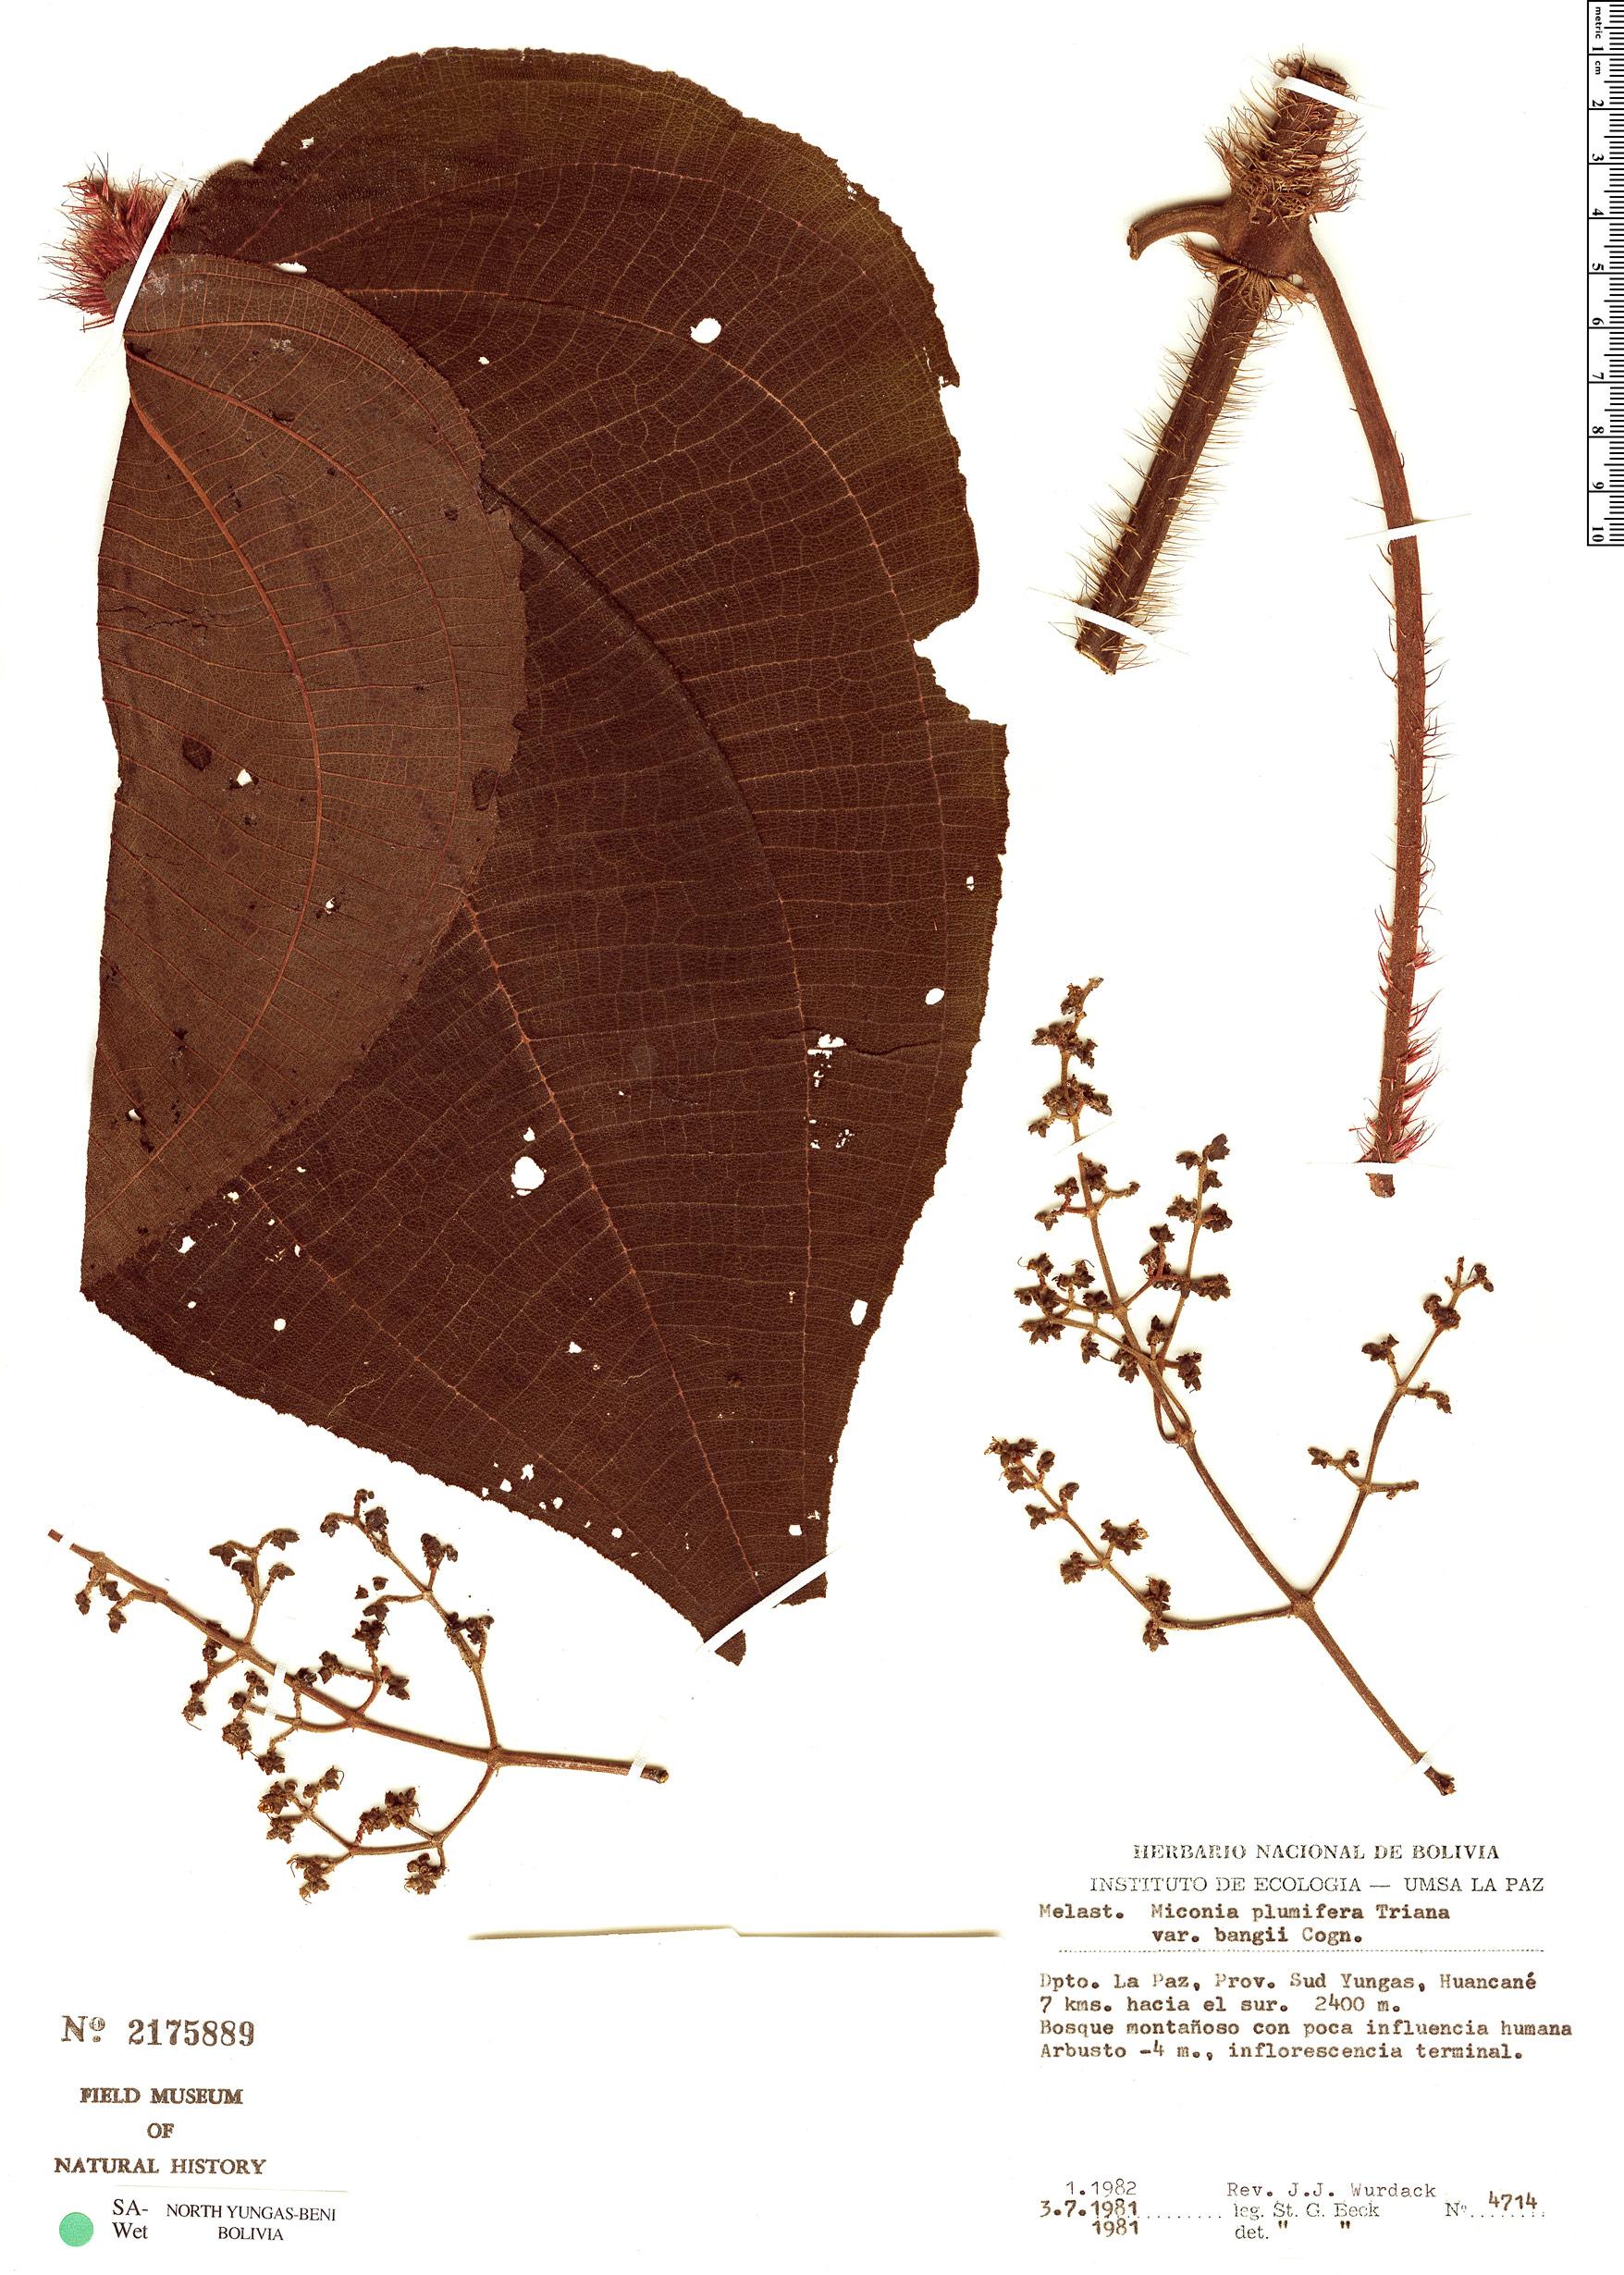 Specimen: Miconia plumifera